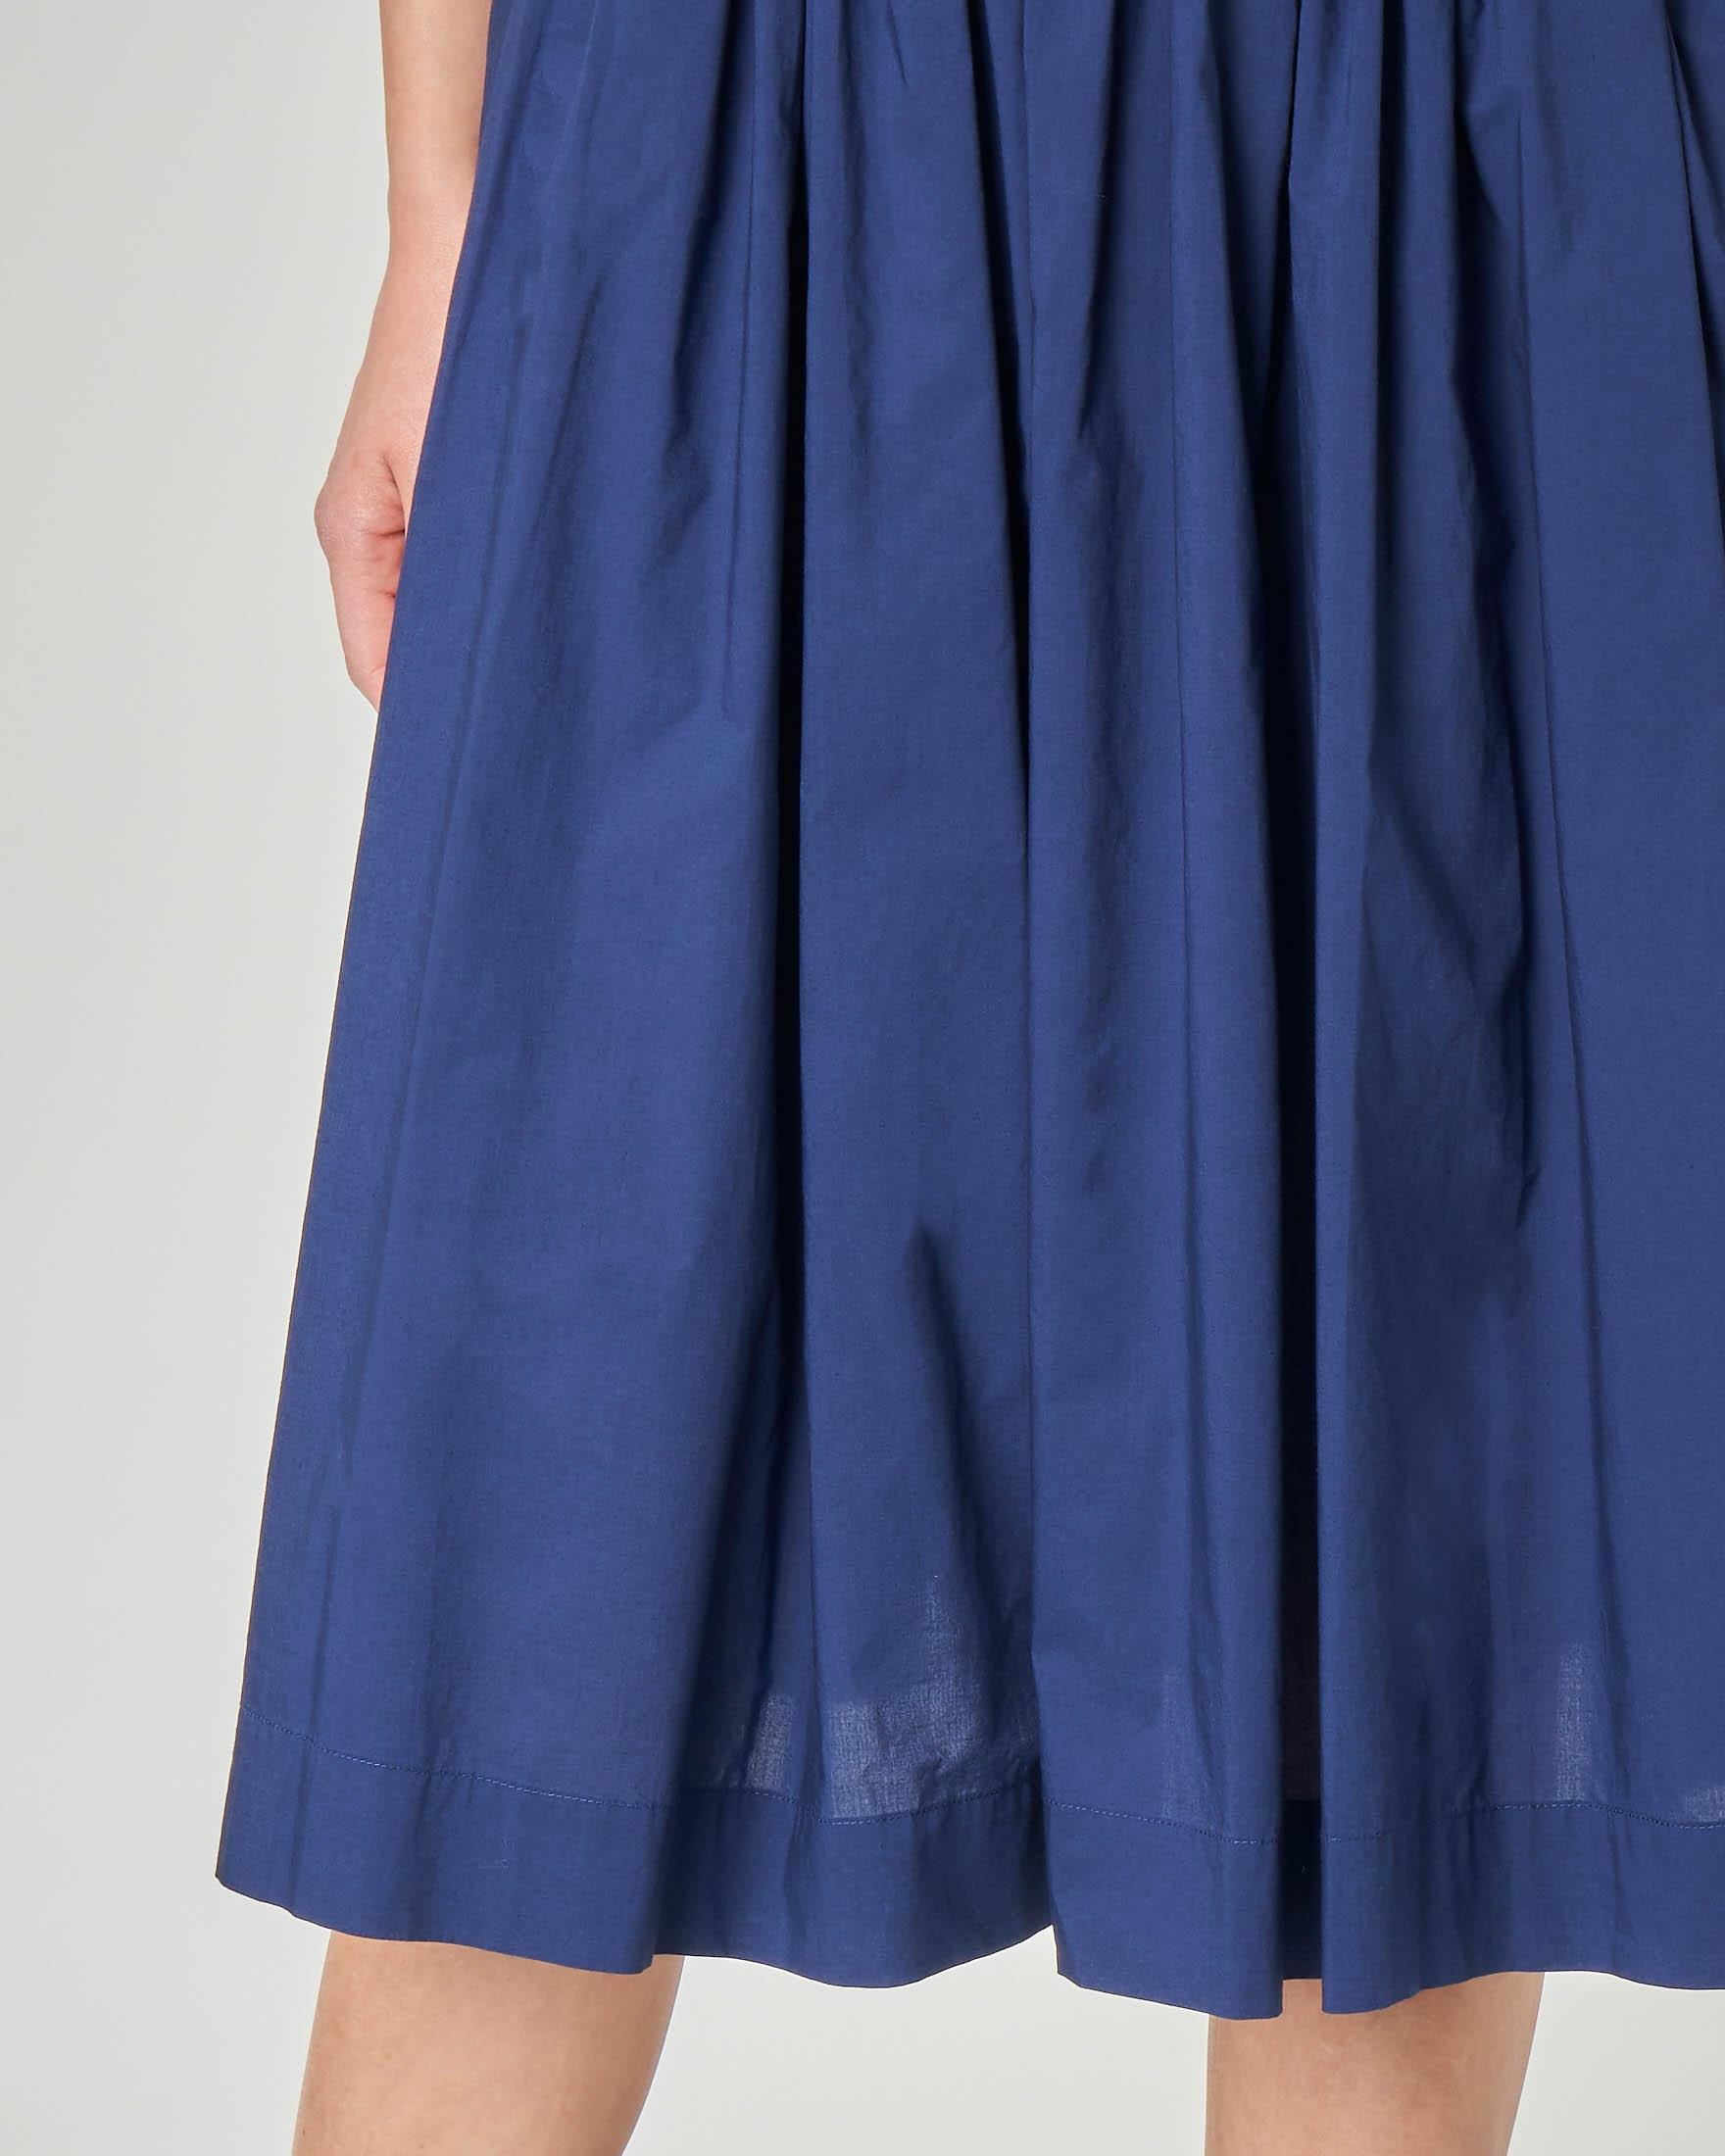 Gonna midi blu in cotone con elastico in vita